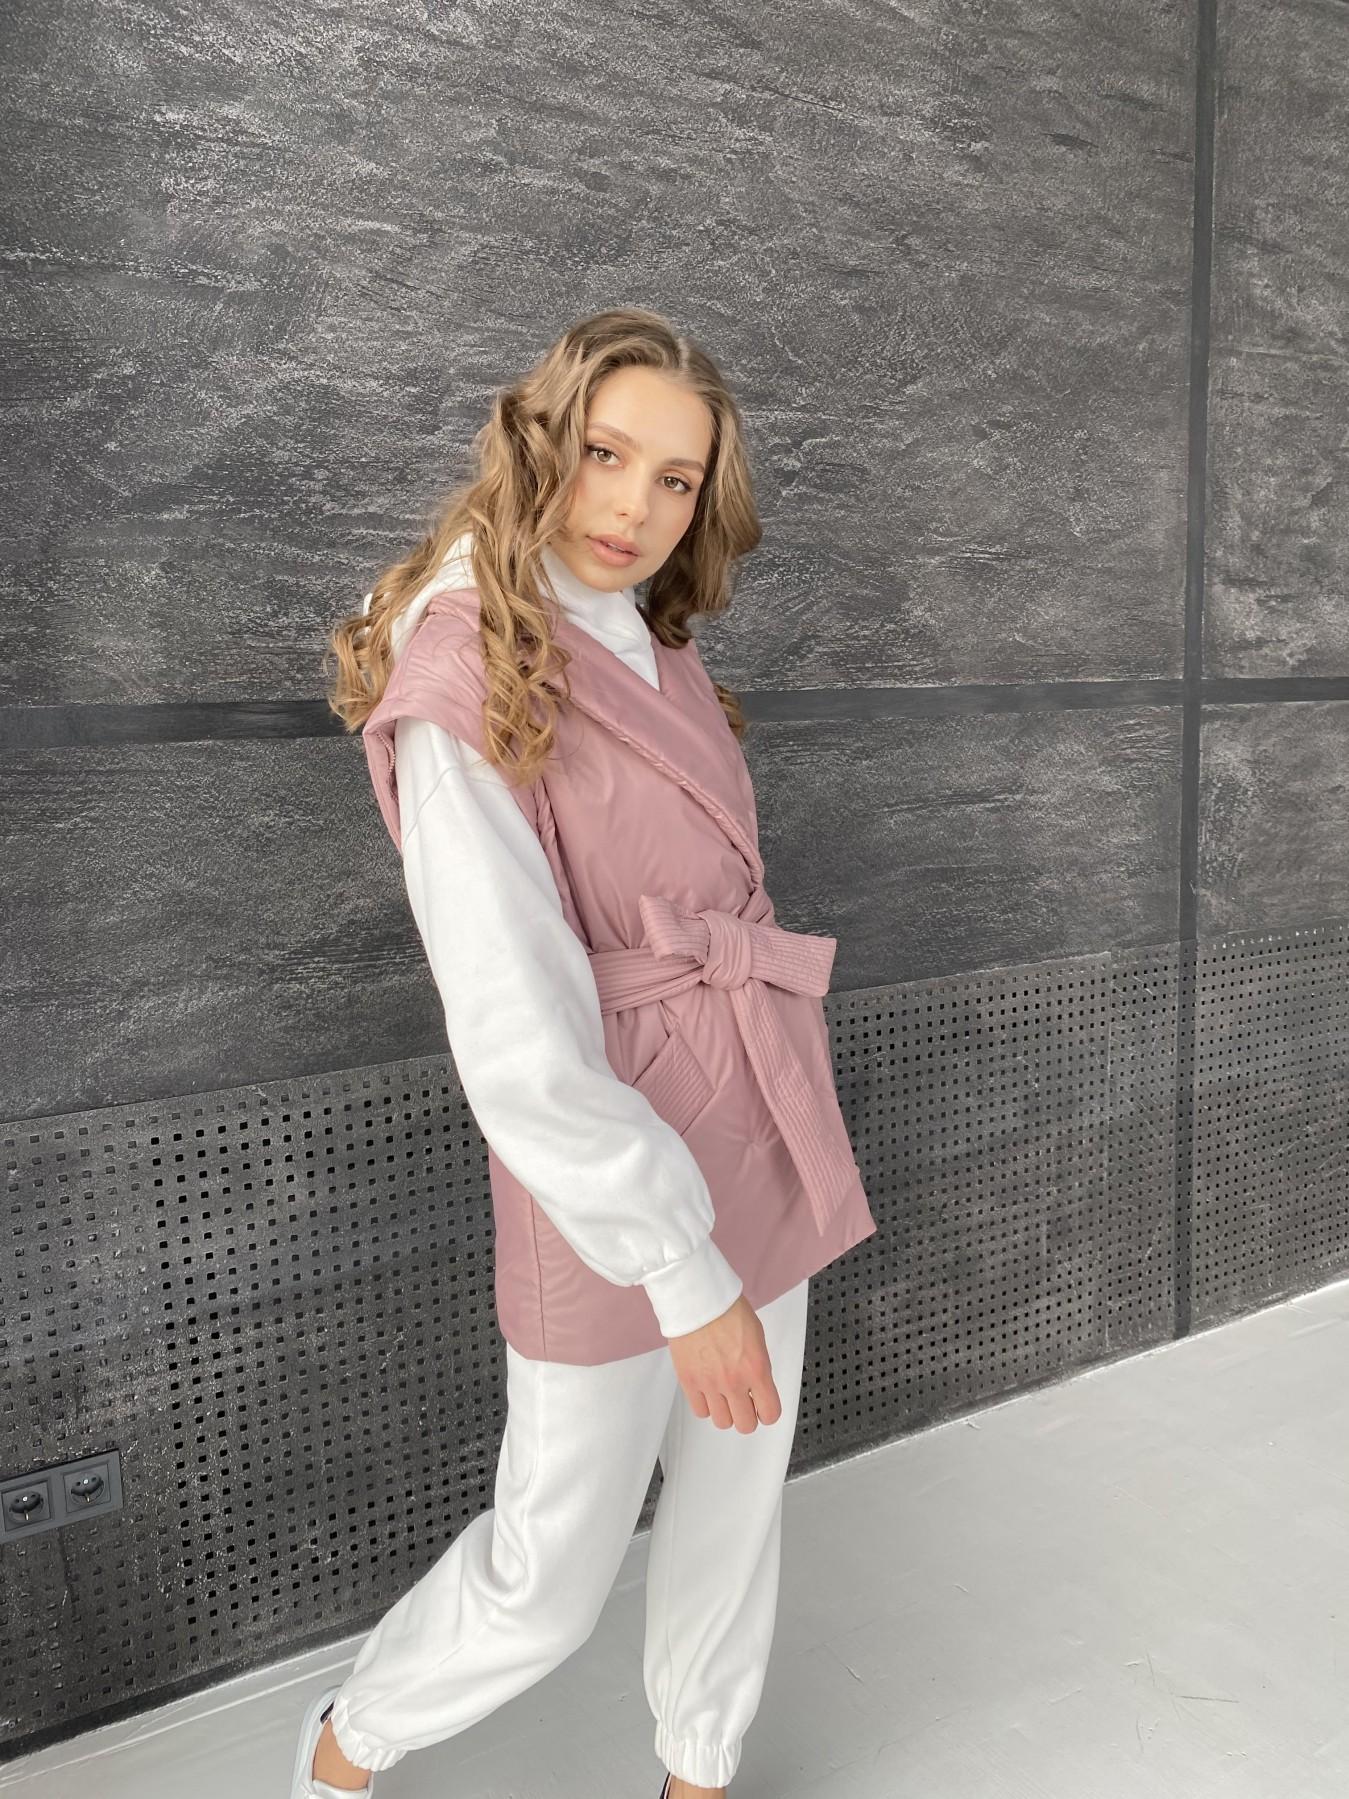 Форбс куртка из плащевой ткани 10986 АРТ. 47477 Цвет: Пудра - фото 14, интернет магазин tm-modus.ru